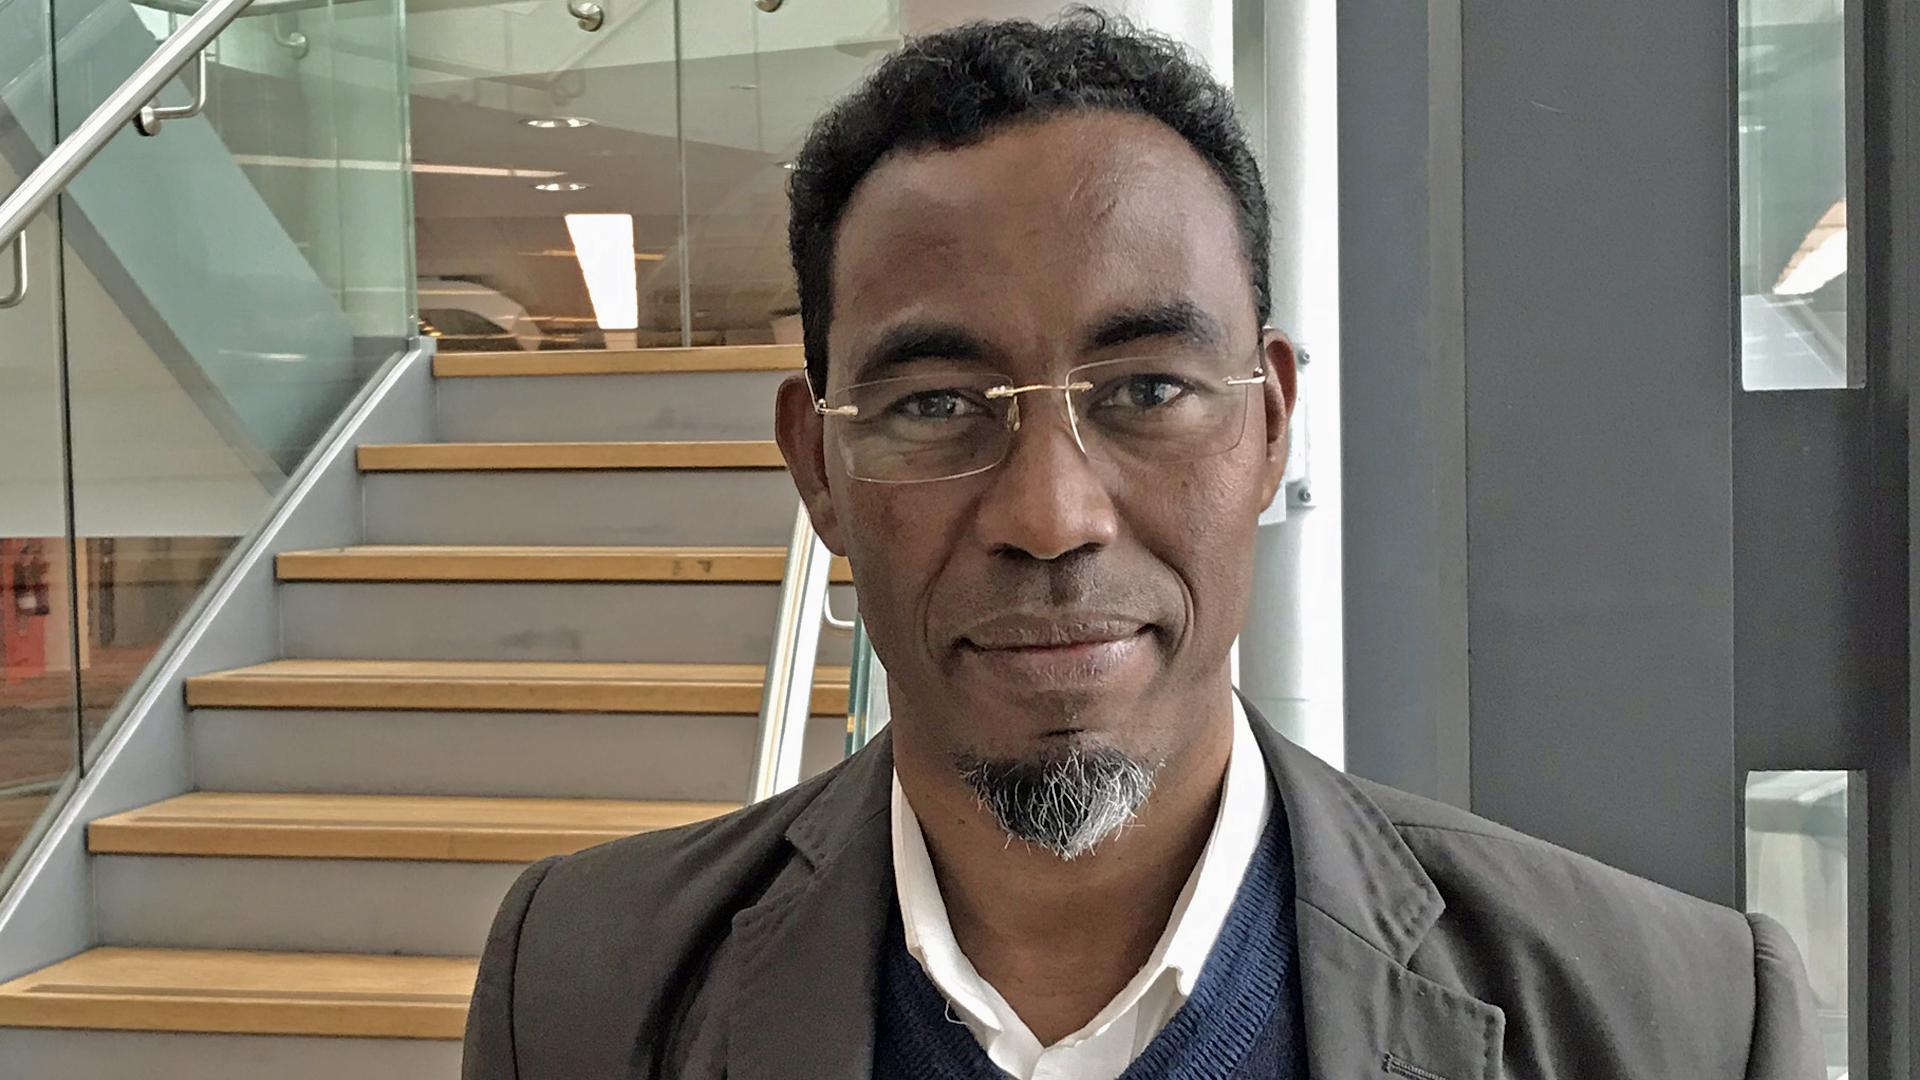 Abdulkadir Abdirahman Adan